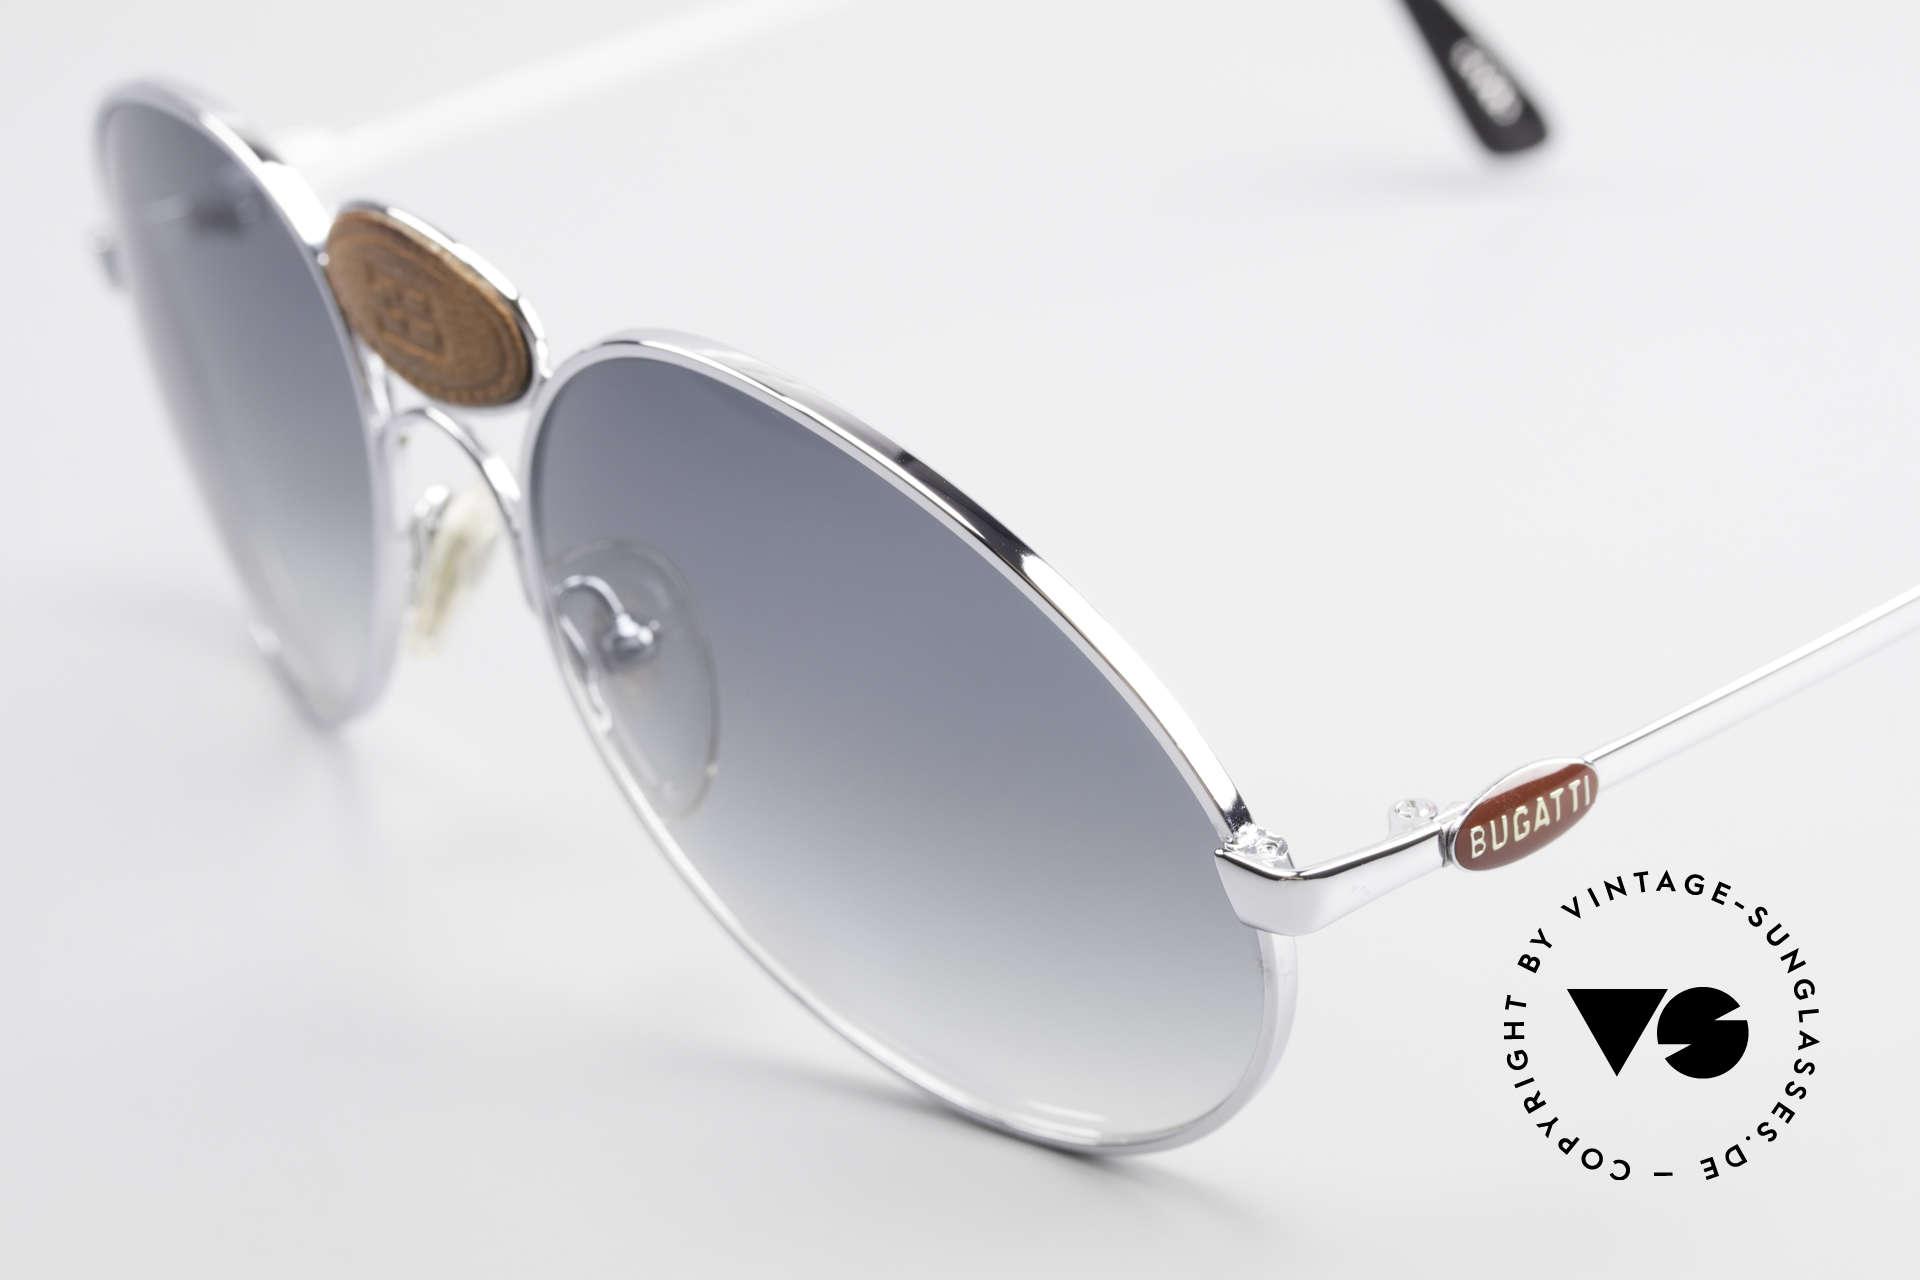 Bugatti 64745 Seltene Sammlersonnenbrille, ein ungetragenes ORIGINAL aus den späten 1970 Jahren, Passend für Herren